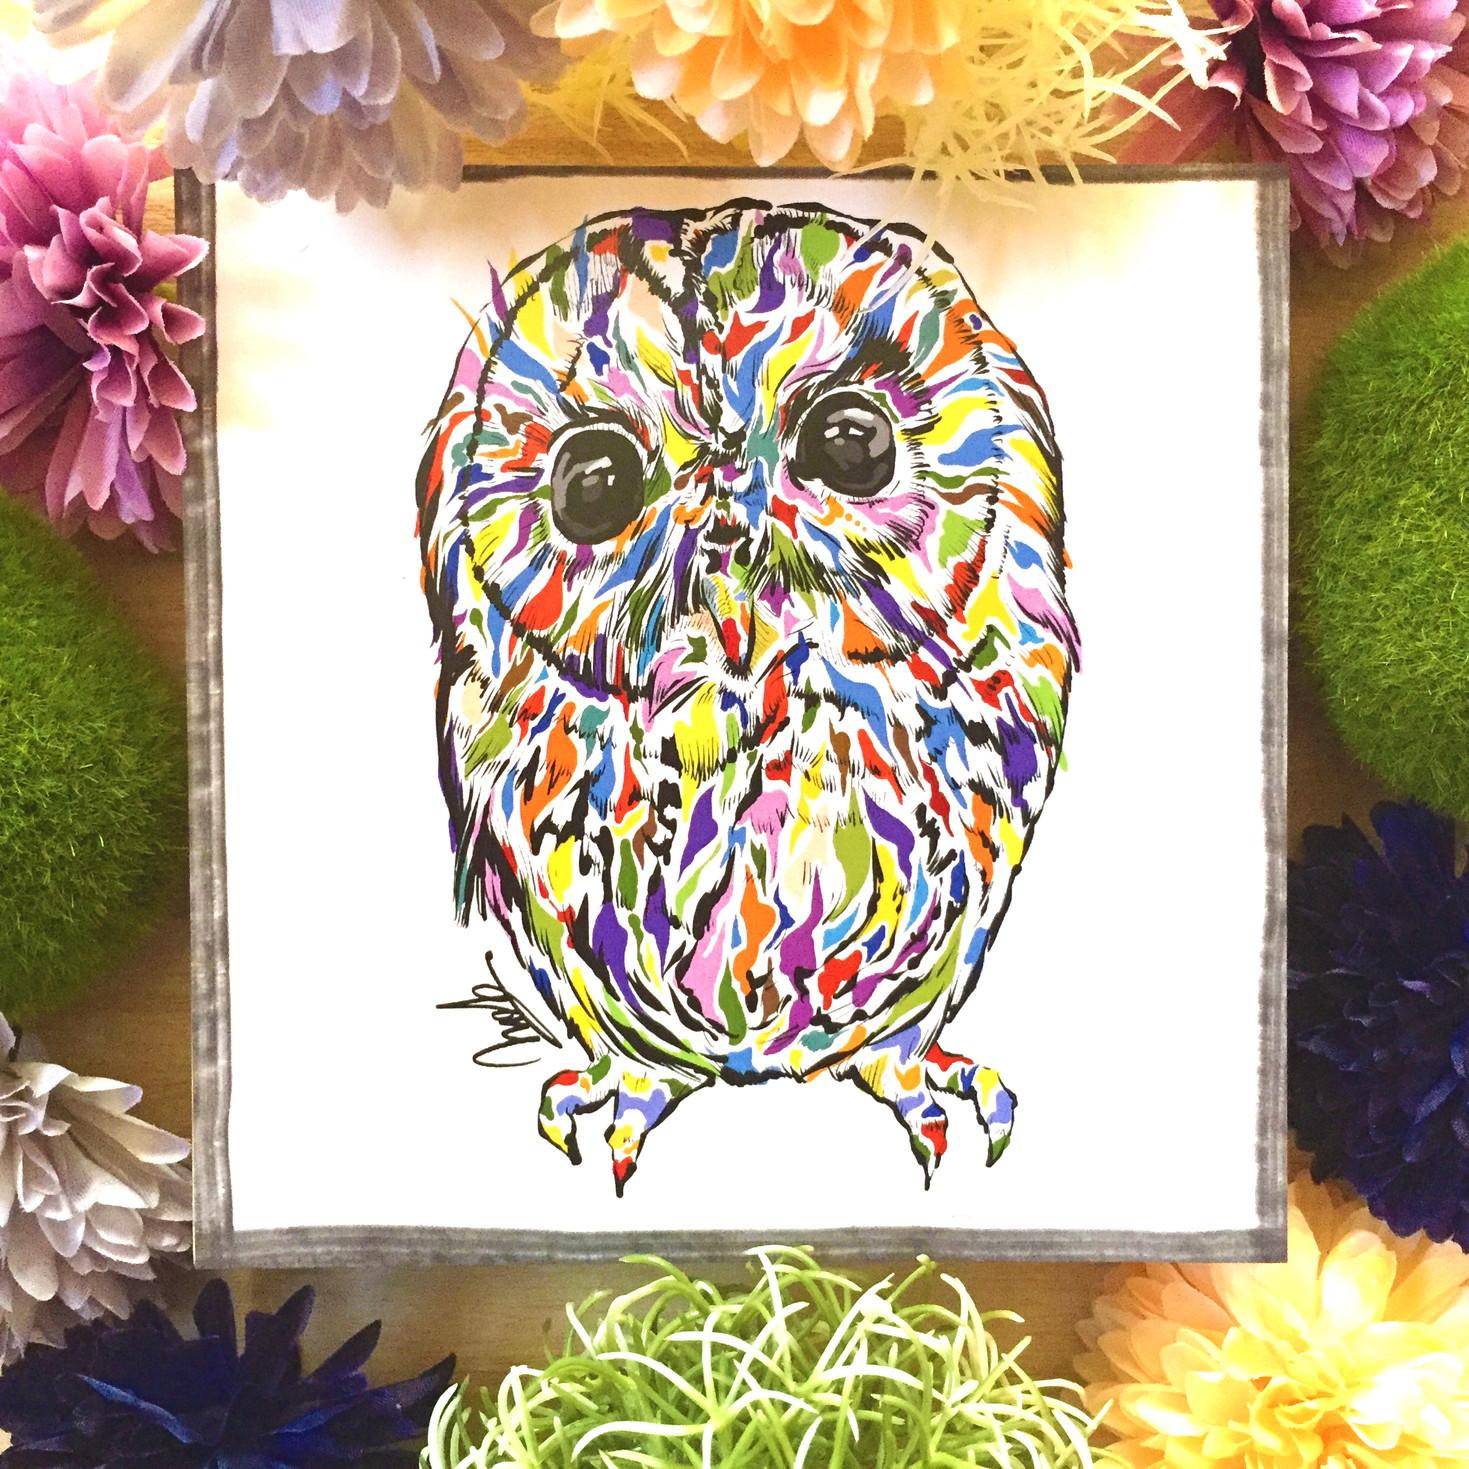 絵画 インテリア アートパネル 雑貨 壁掛け 置物 おしゃれ フクロウ 現代アート ロココロ 画家 : nob 作品 : owl